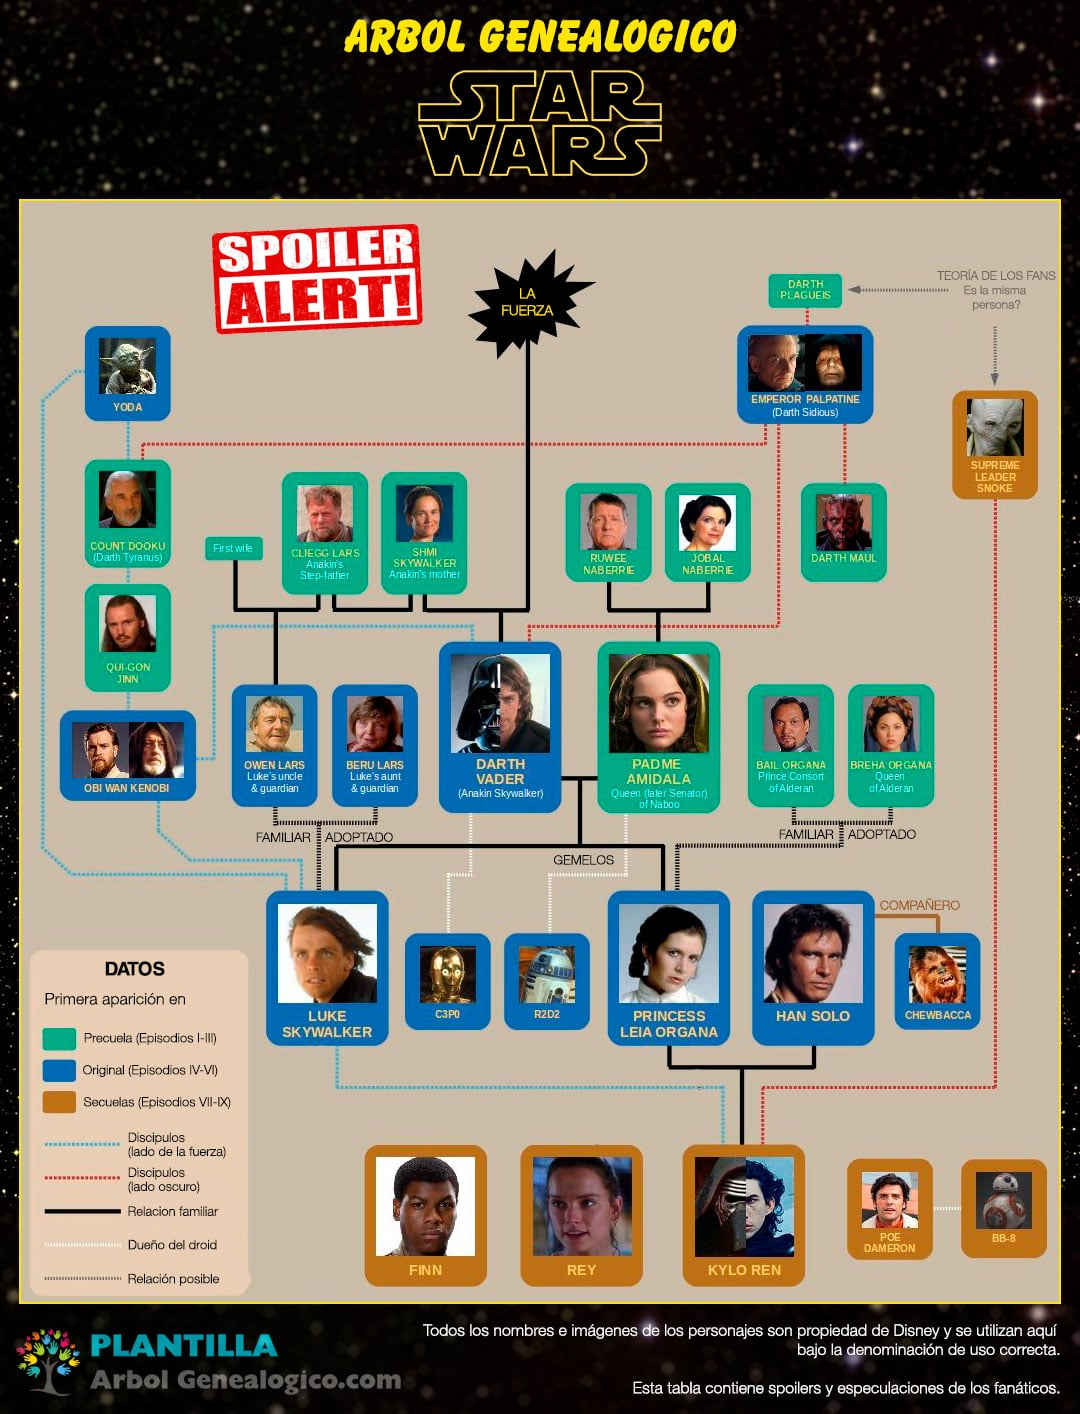 Arbol genealogico de Star Wars